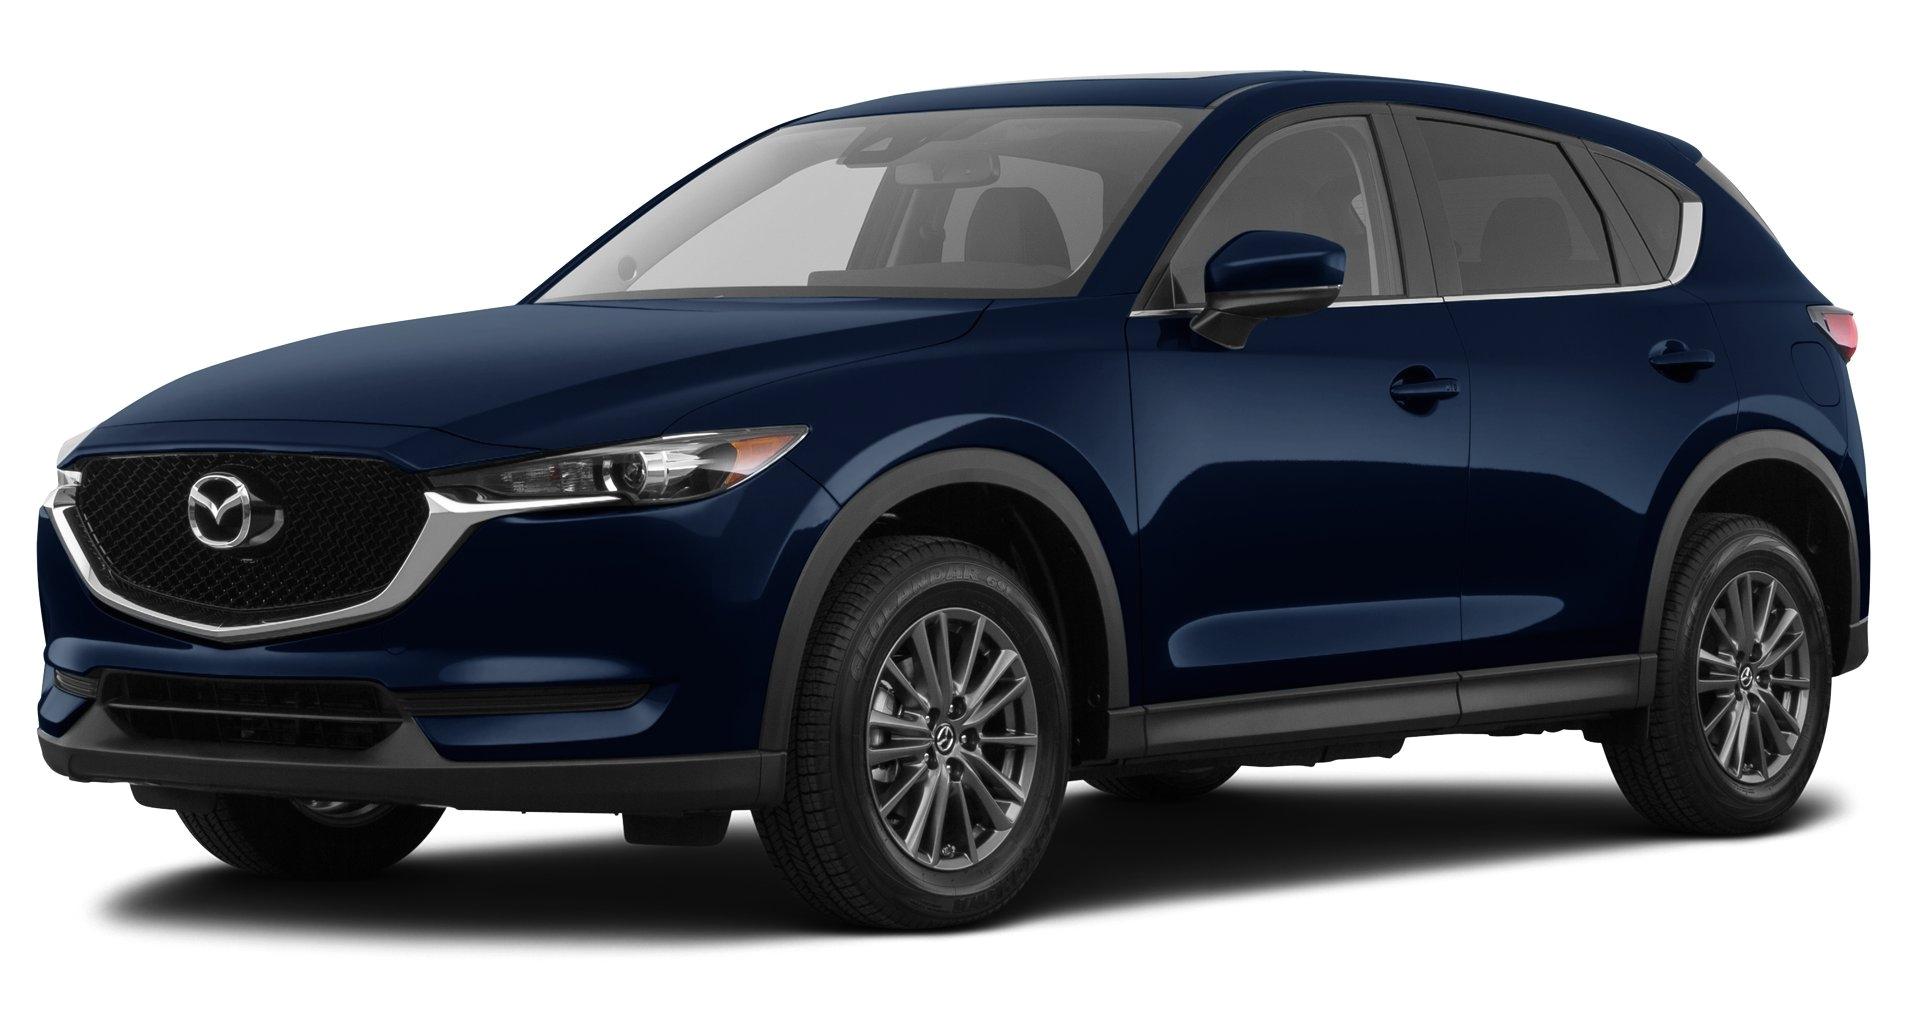 2017 mazda cx 5 grand select all wheel drive